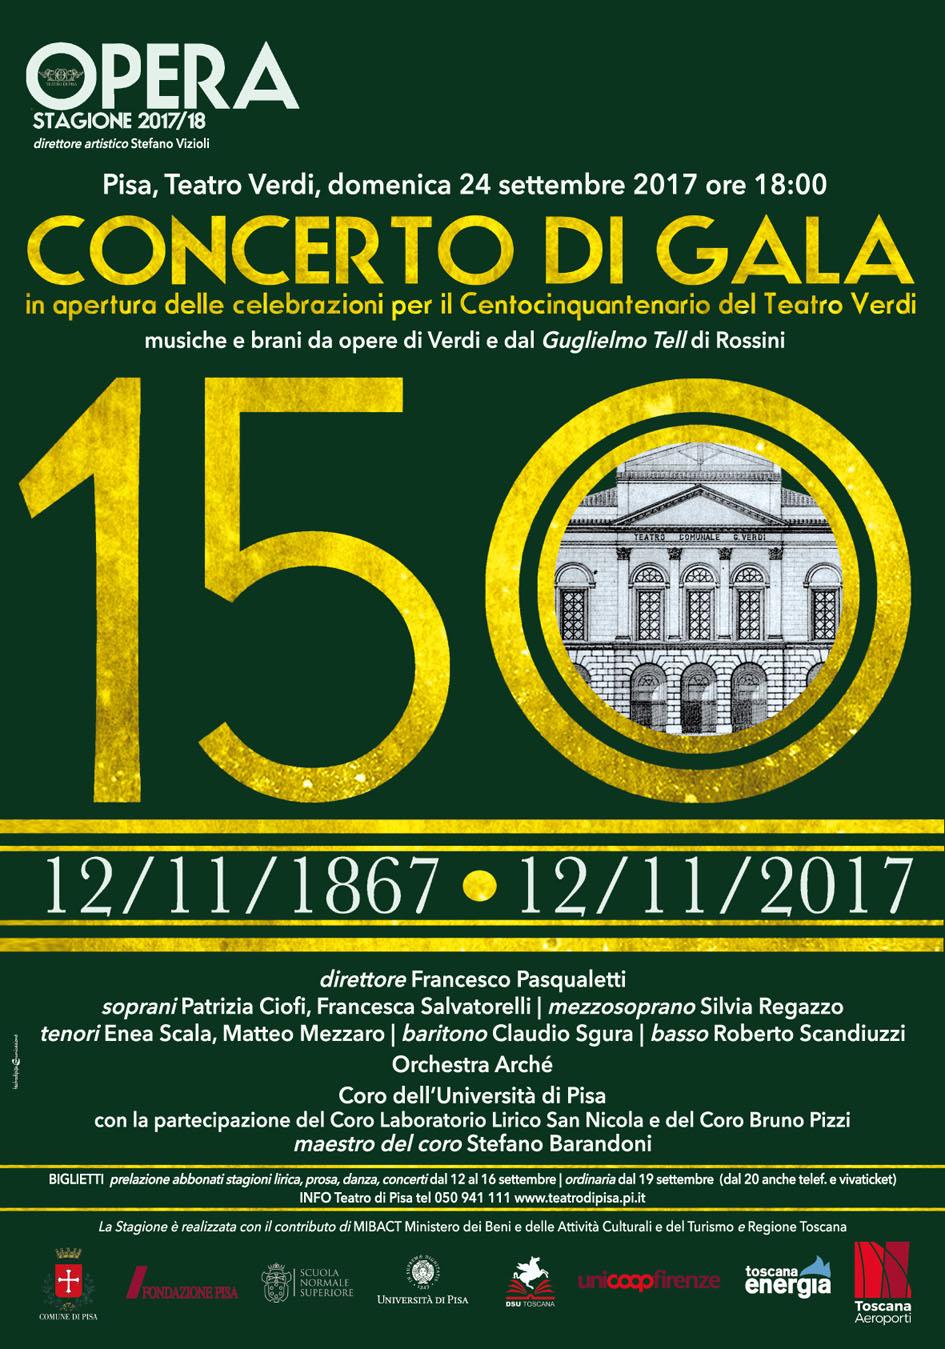 Locandina concerto di gala 2017